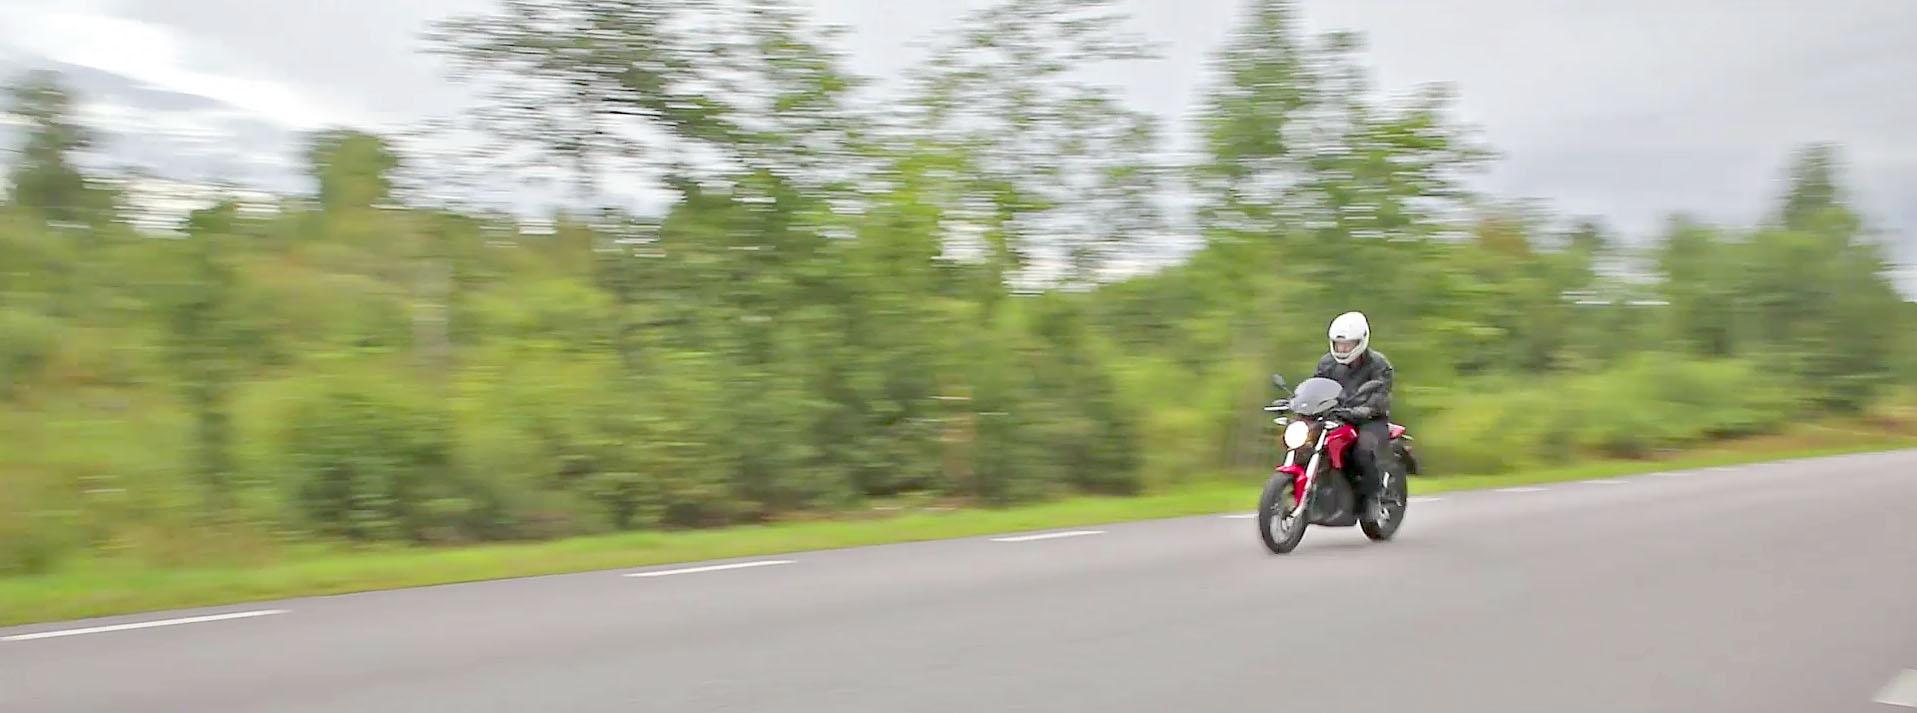 Zero SR passerar för ljudinspelning av motorljudet. Foto: Petter Hammarbäck